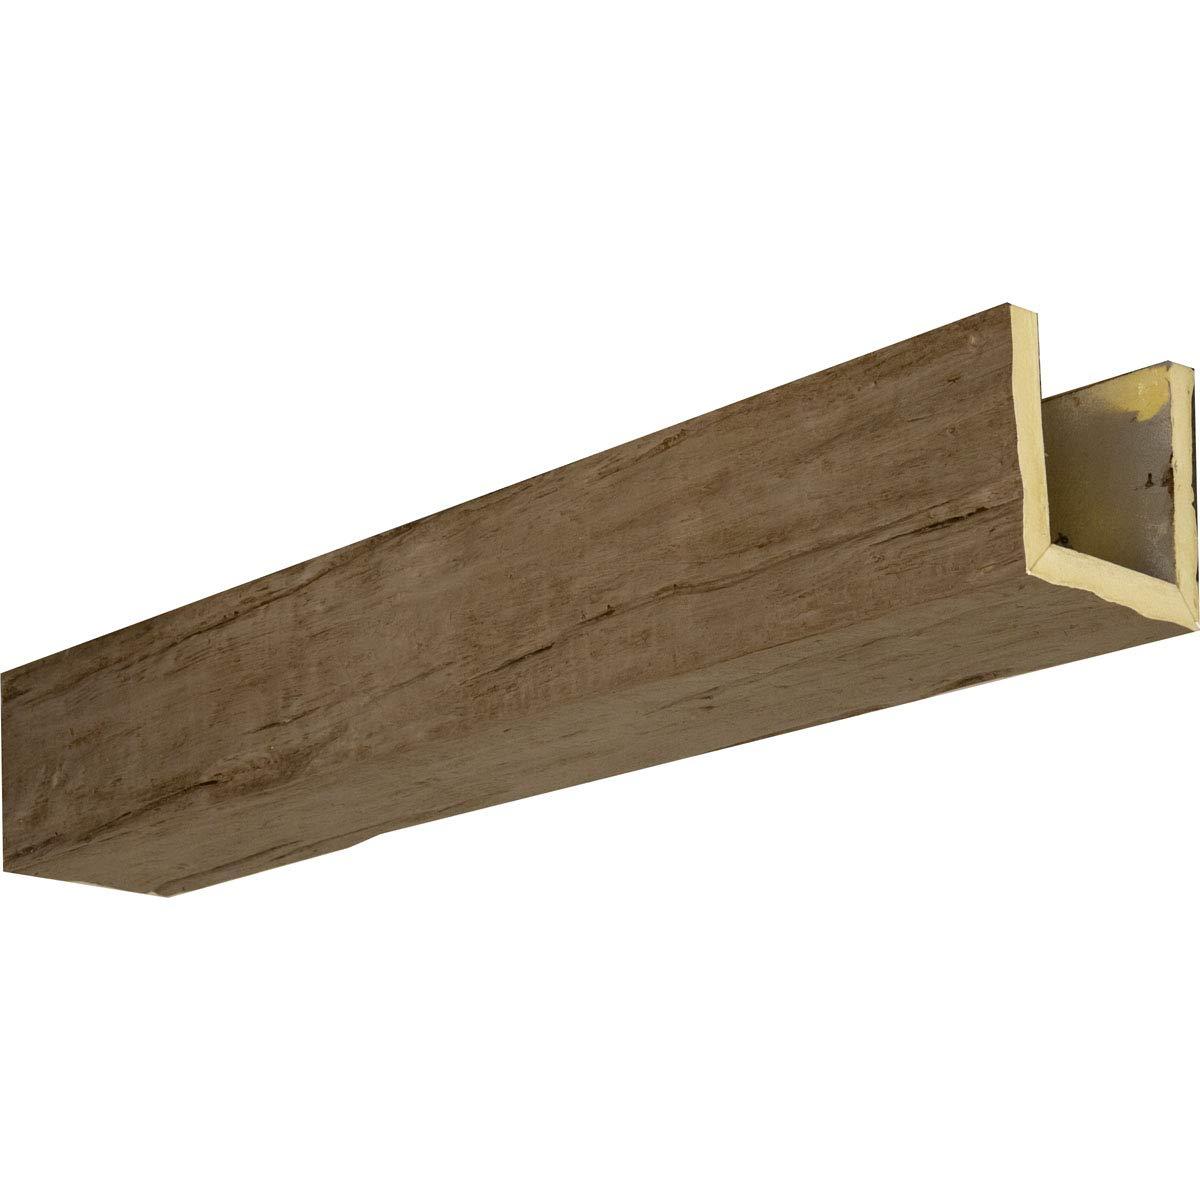 """Ekena Millwork BMRW3C0060X120X240HD 6""""W x 12""""H x 20'L 3-Sided (U-Beam) Riverwood Faux Wood Beam, Honey Dew, 6 inch W x 12 inch H x 20'L"""